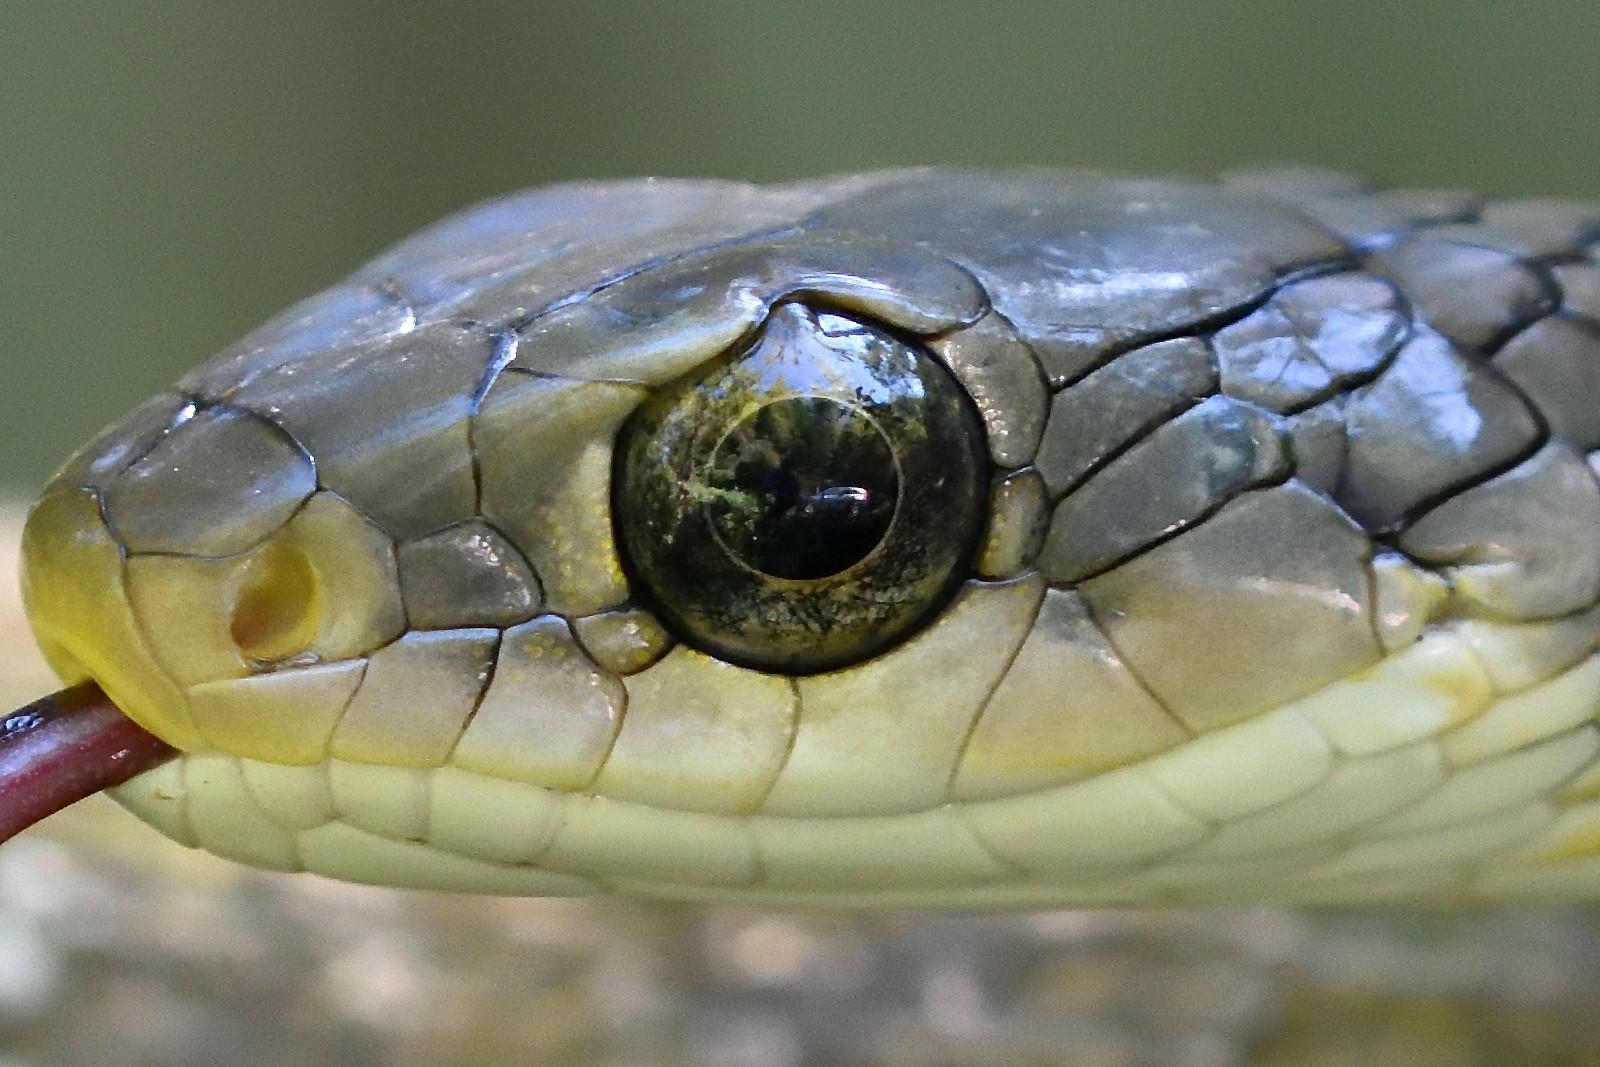 Snake_6366_O